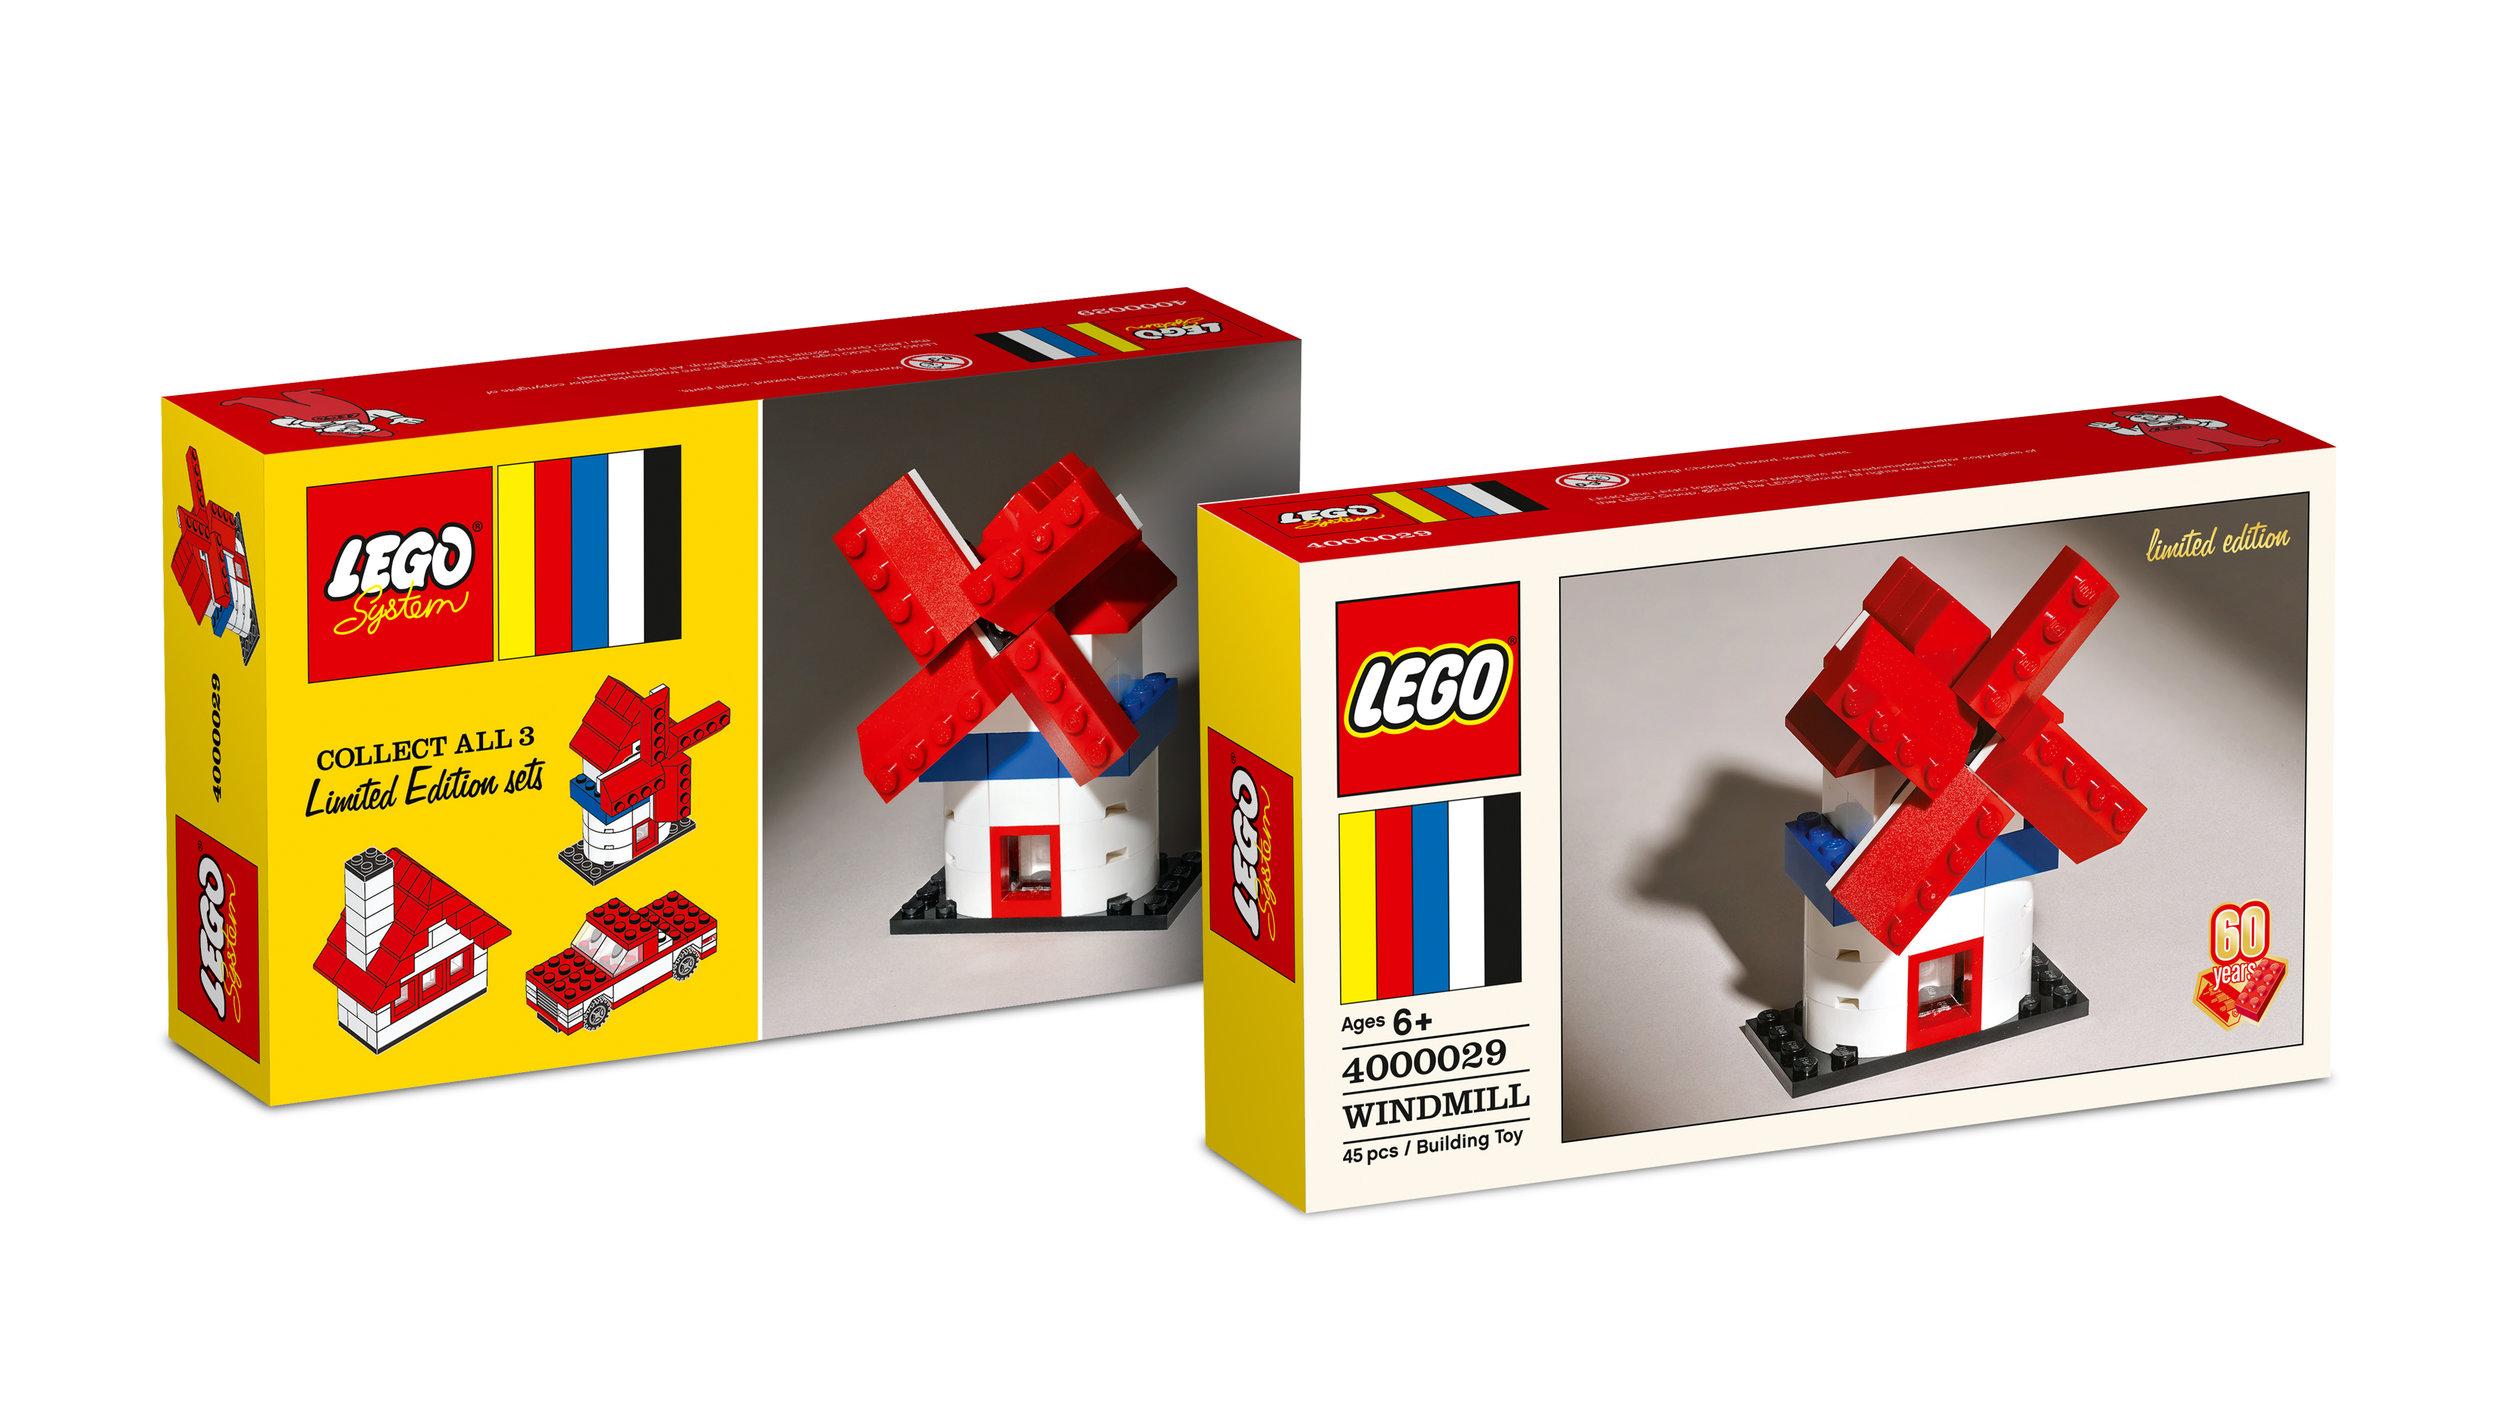 Lego Windmill